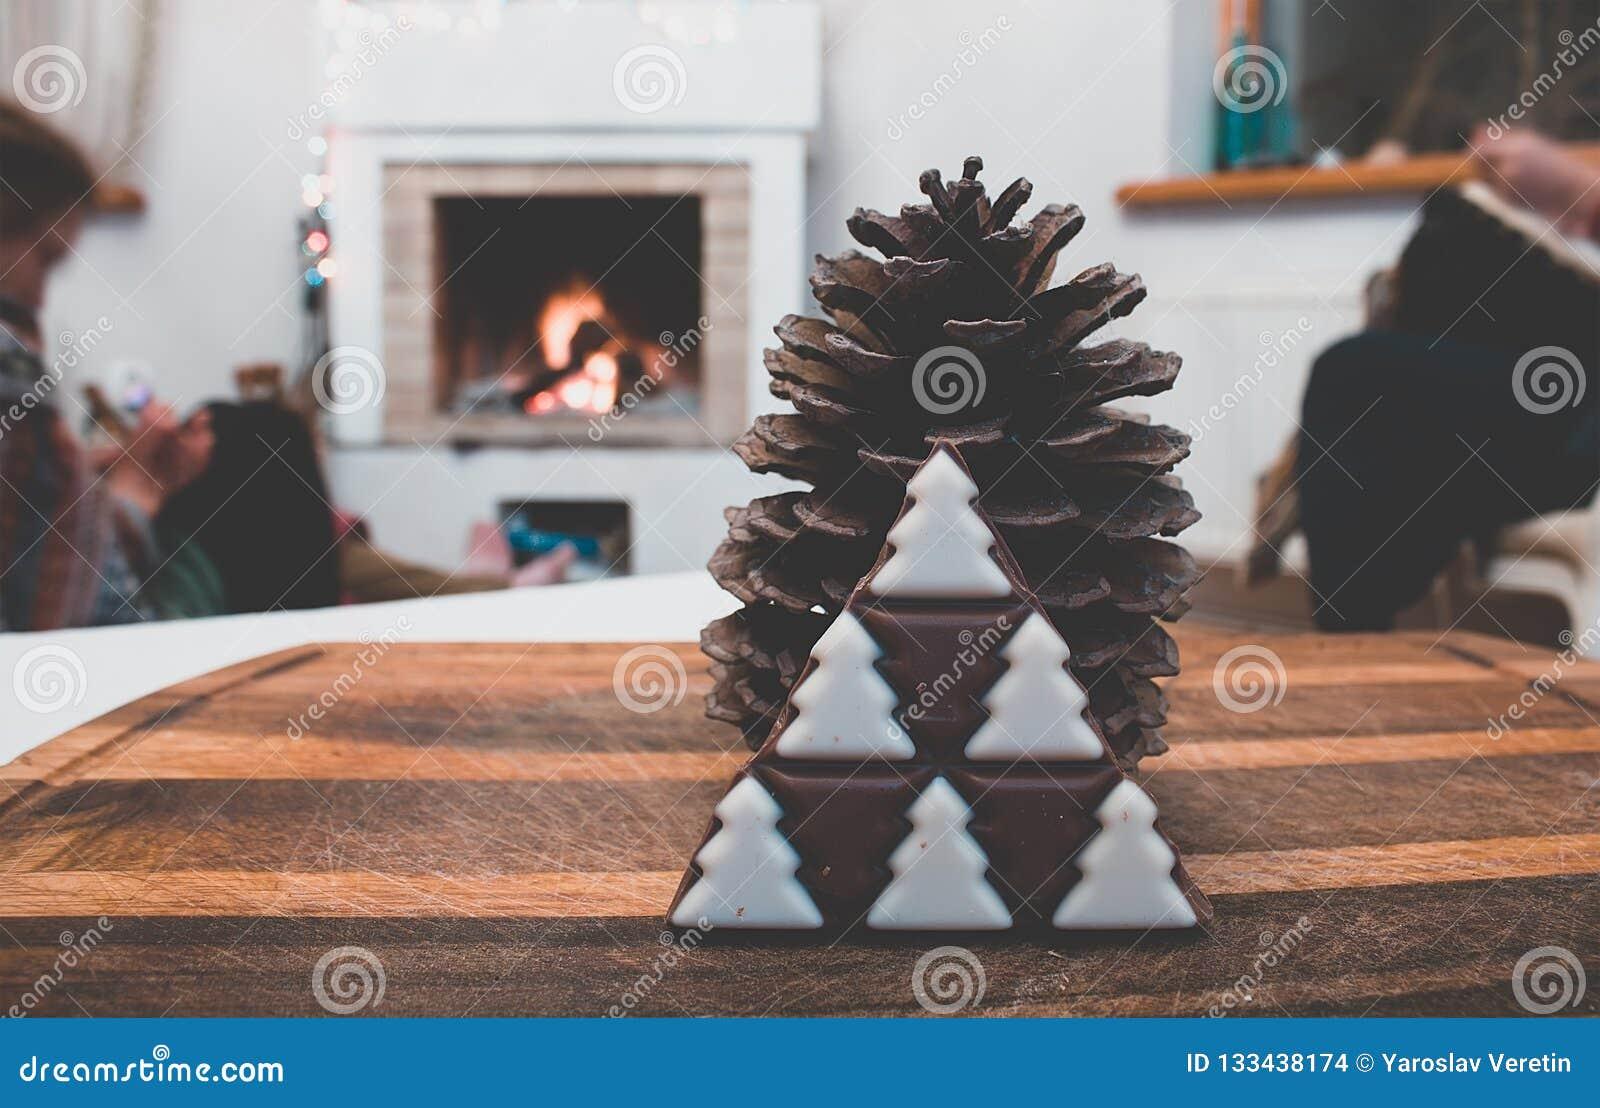 украшения зимы винтажные деревенские с конусом сосны и шоколадом рождественской елки